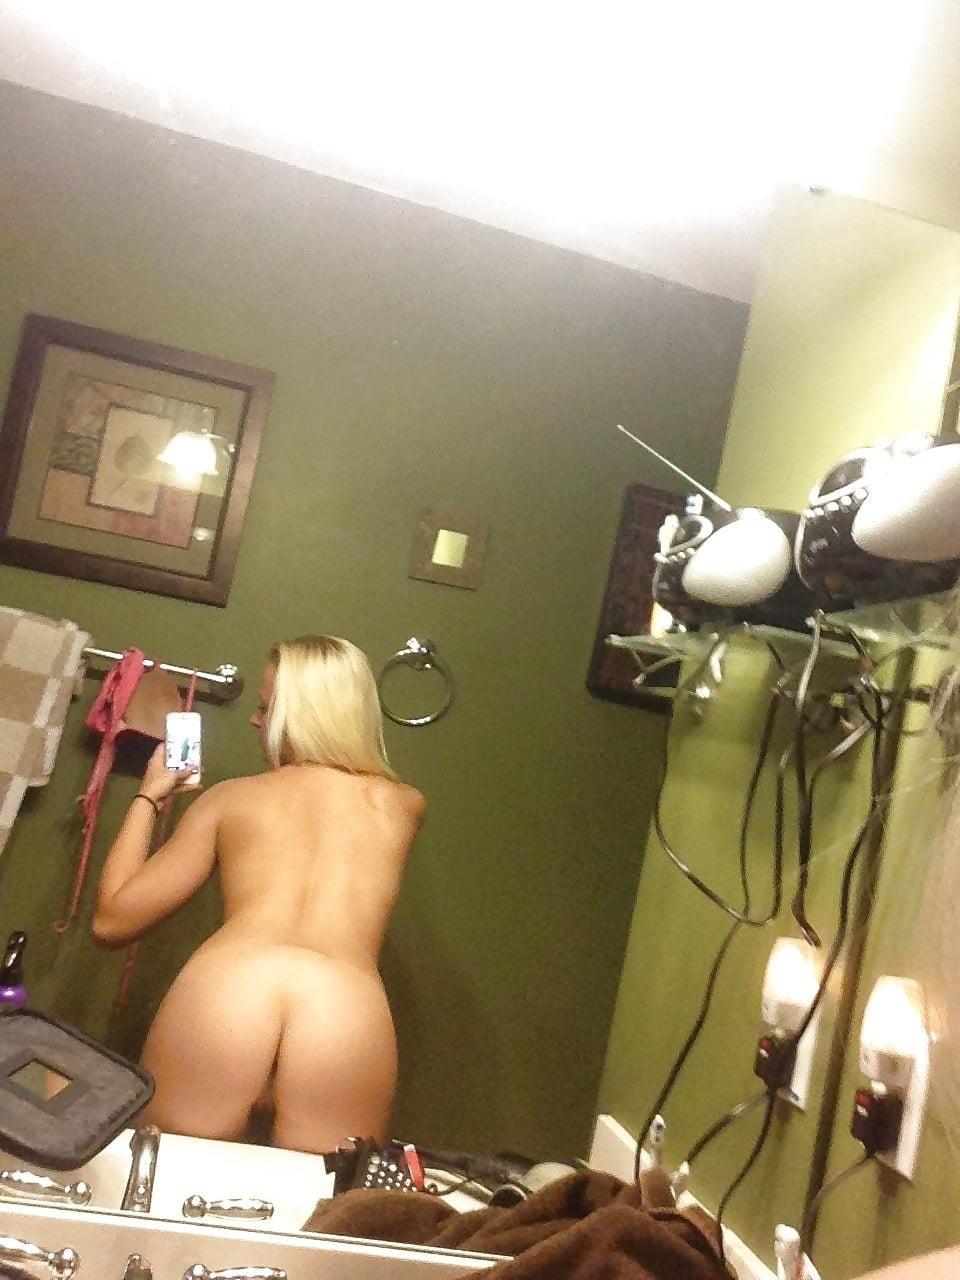 Blonde teen nude selfie-4308